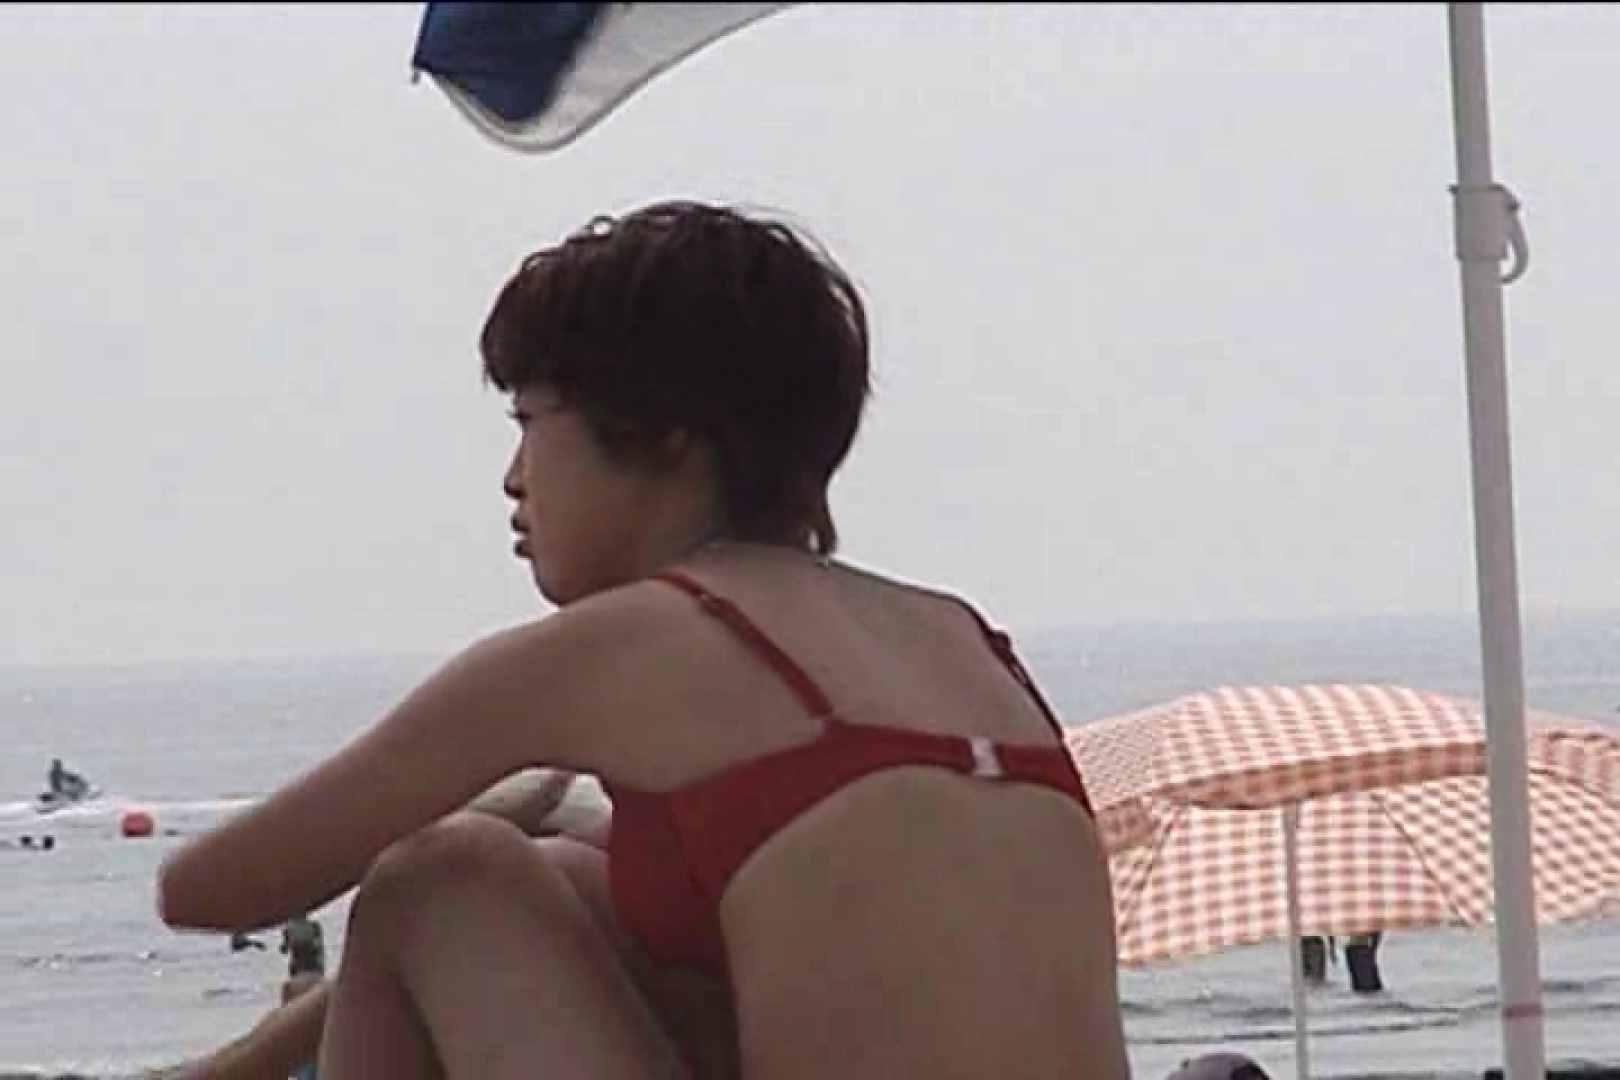 ビーチで起きたあなたの知らない世界!!Vol.4 OL女体 | 0  40連発 11